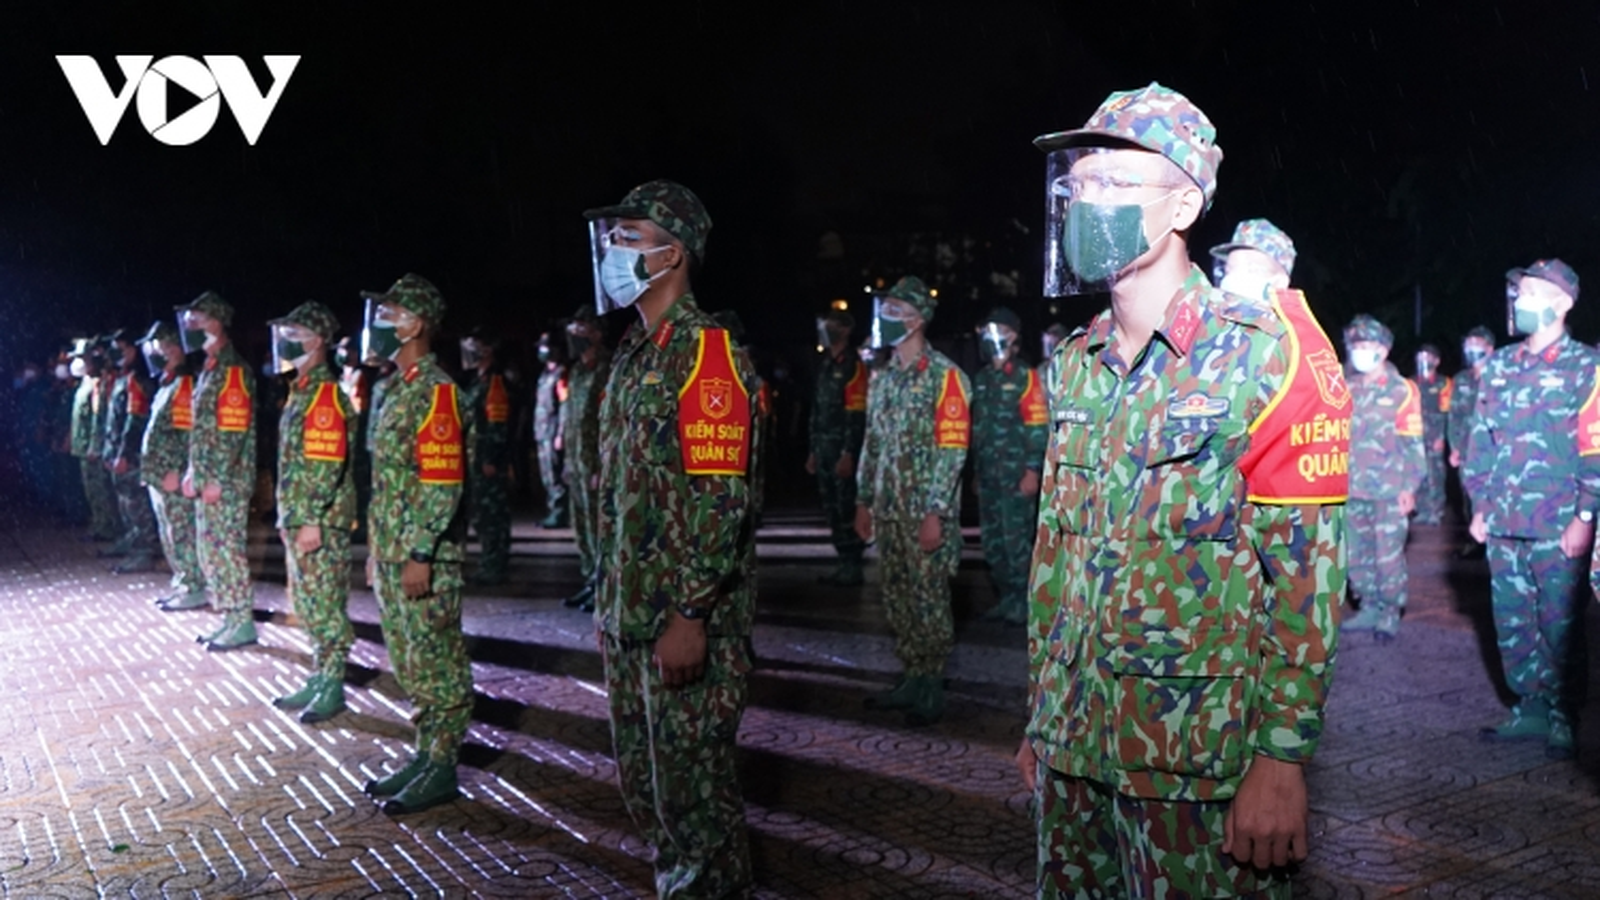 Ảnh: Lực lượng quân đội, công an trong đêm đầu tiên hỗ trợ TP.HCM chống dịch Covid-19